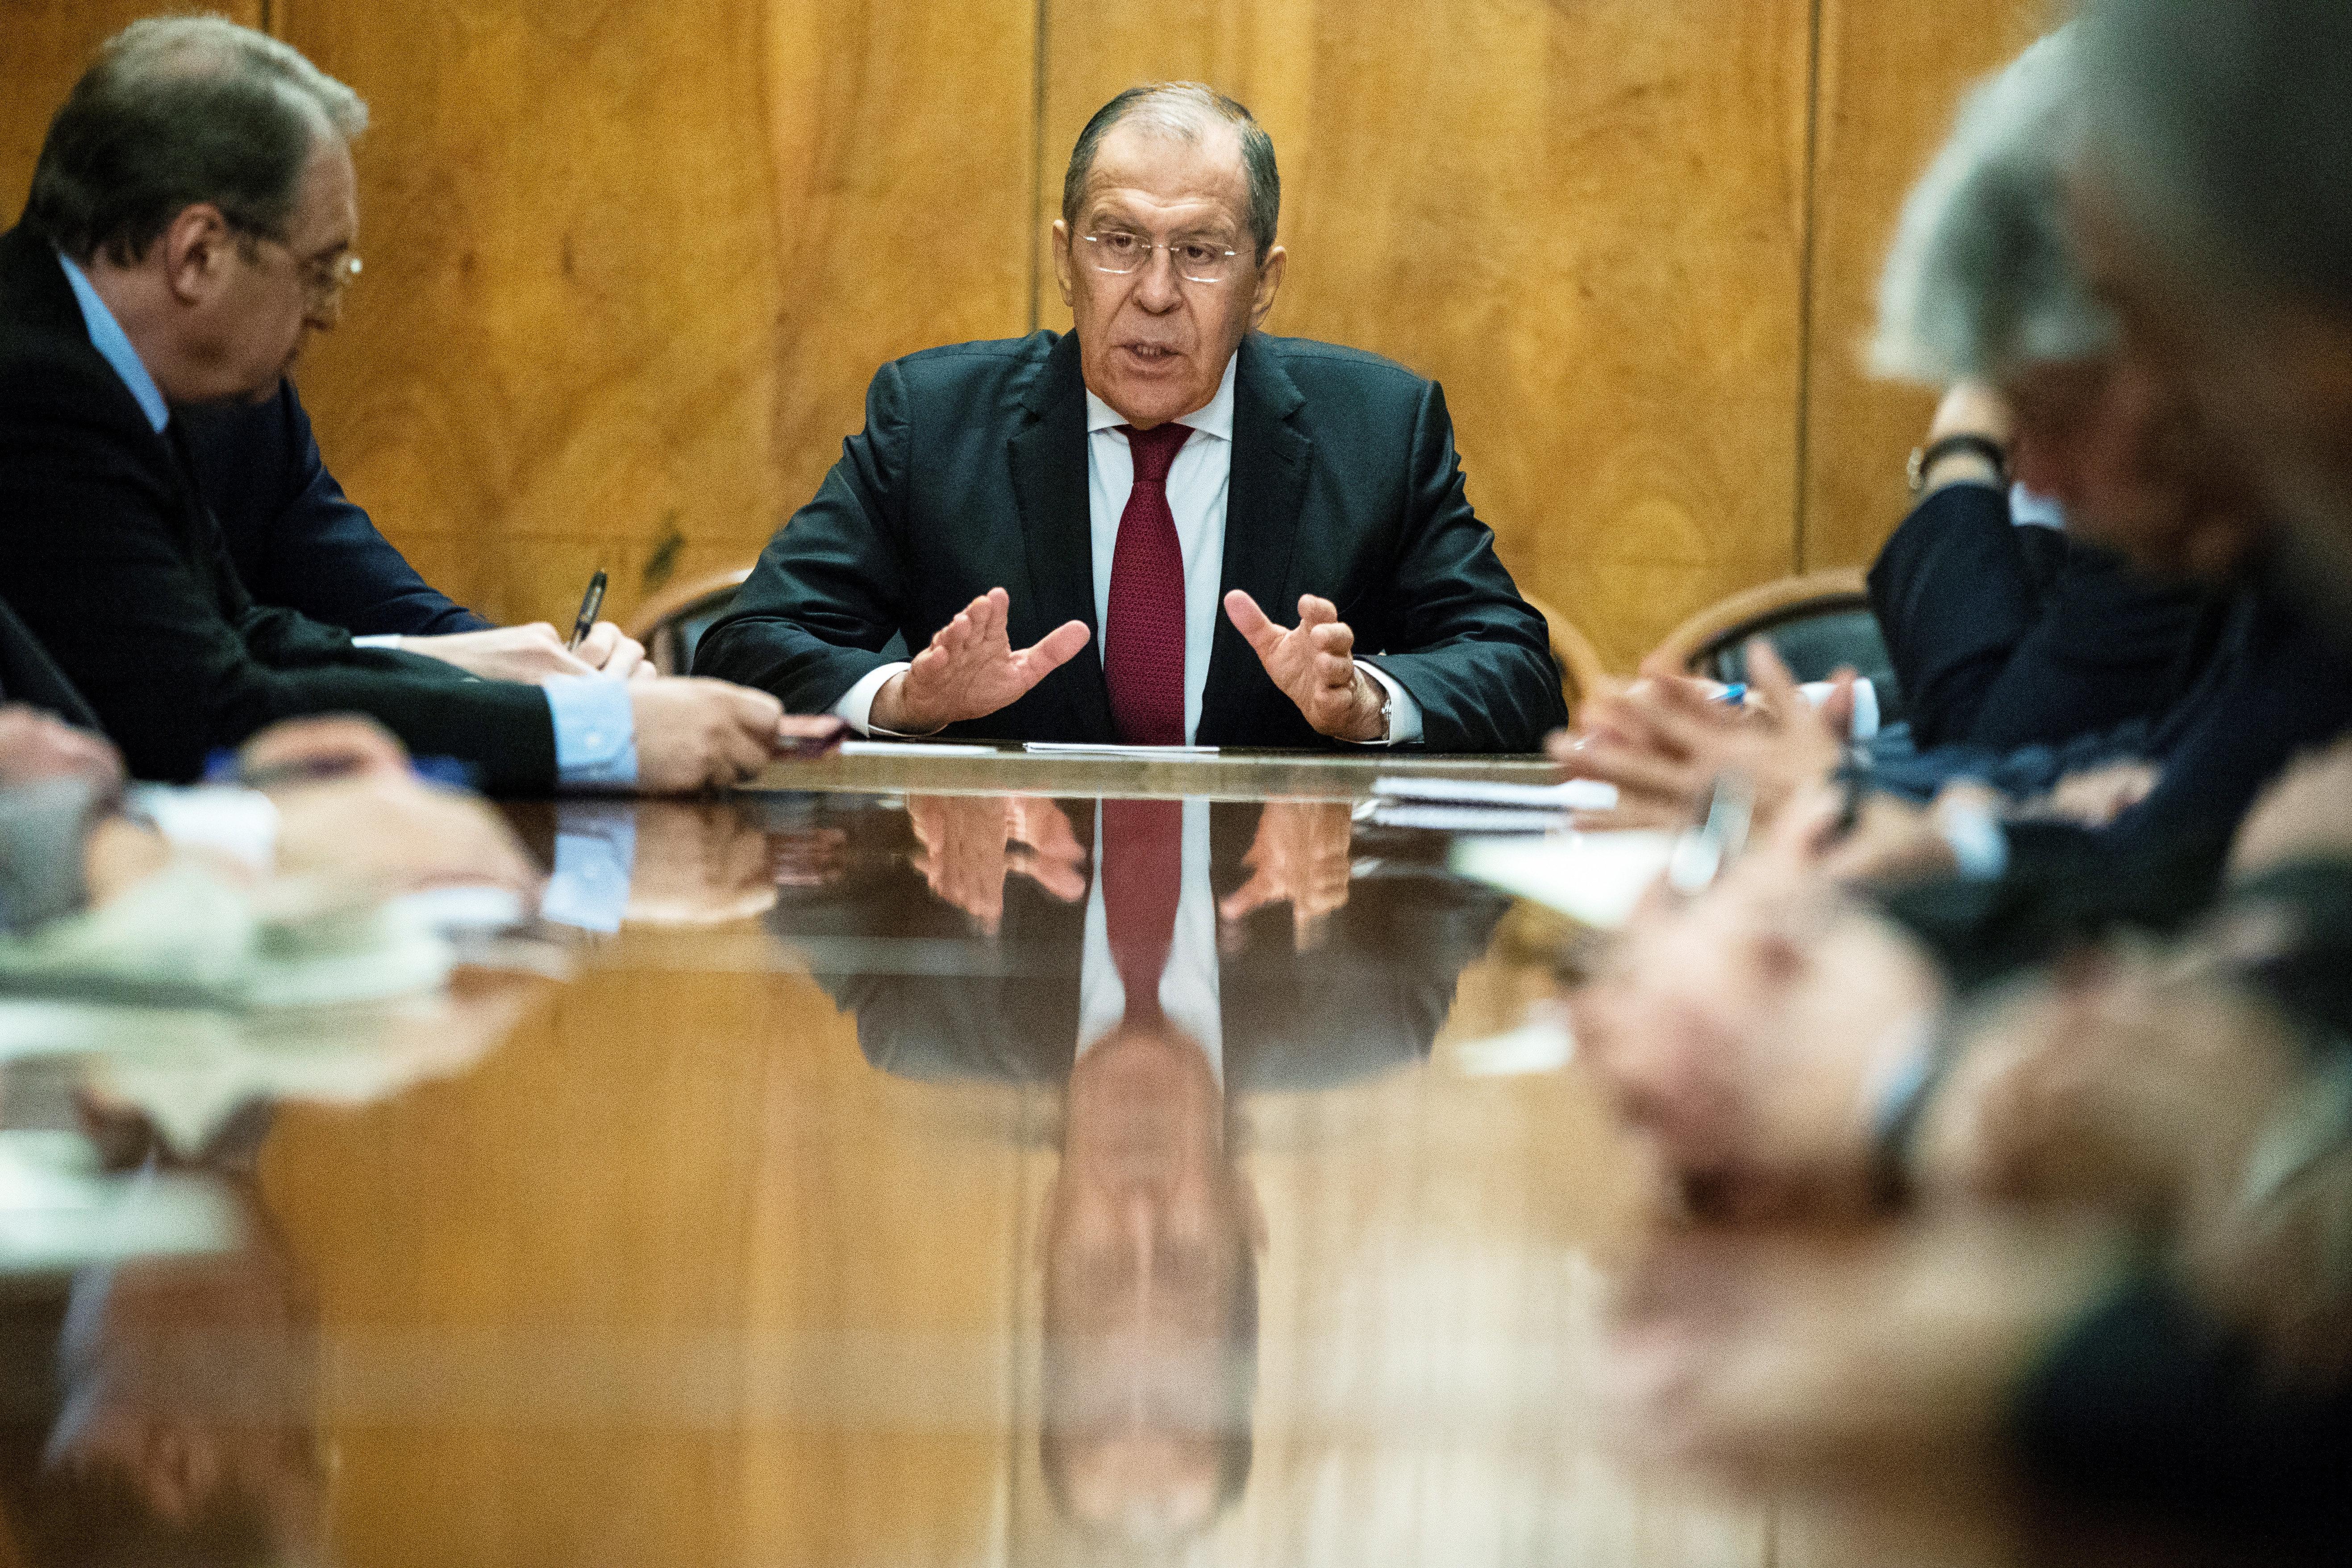 Η Μόσχα προειδοποιεί την Ουάσινγκτον ενάντια σε οποιαδήποτε ανάμιξη στην